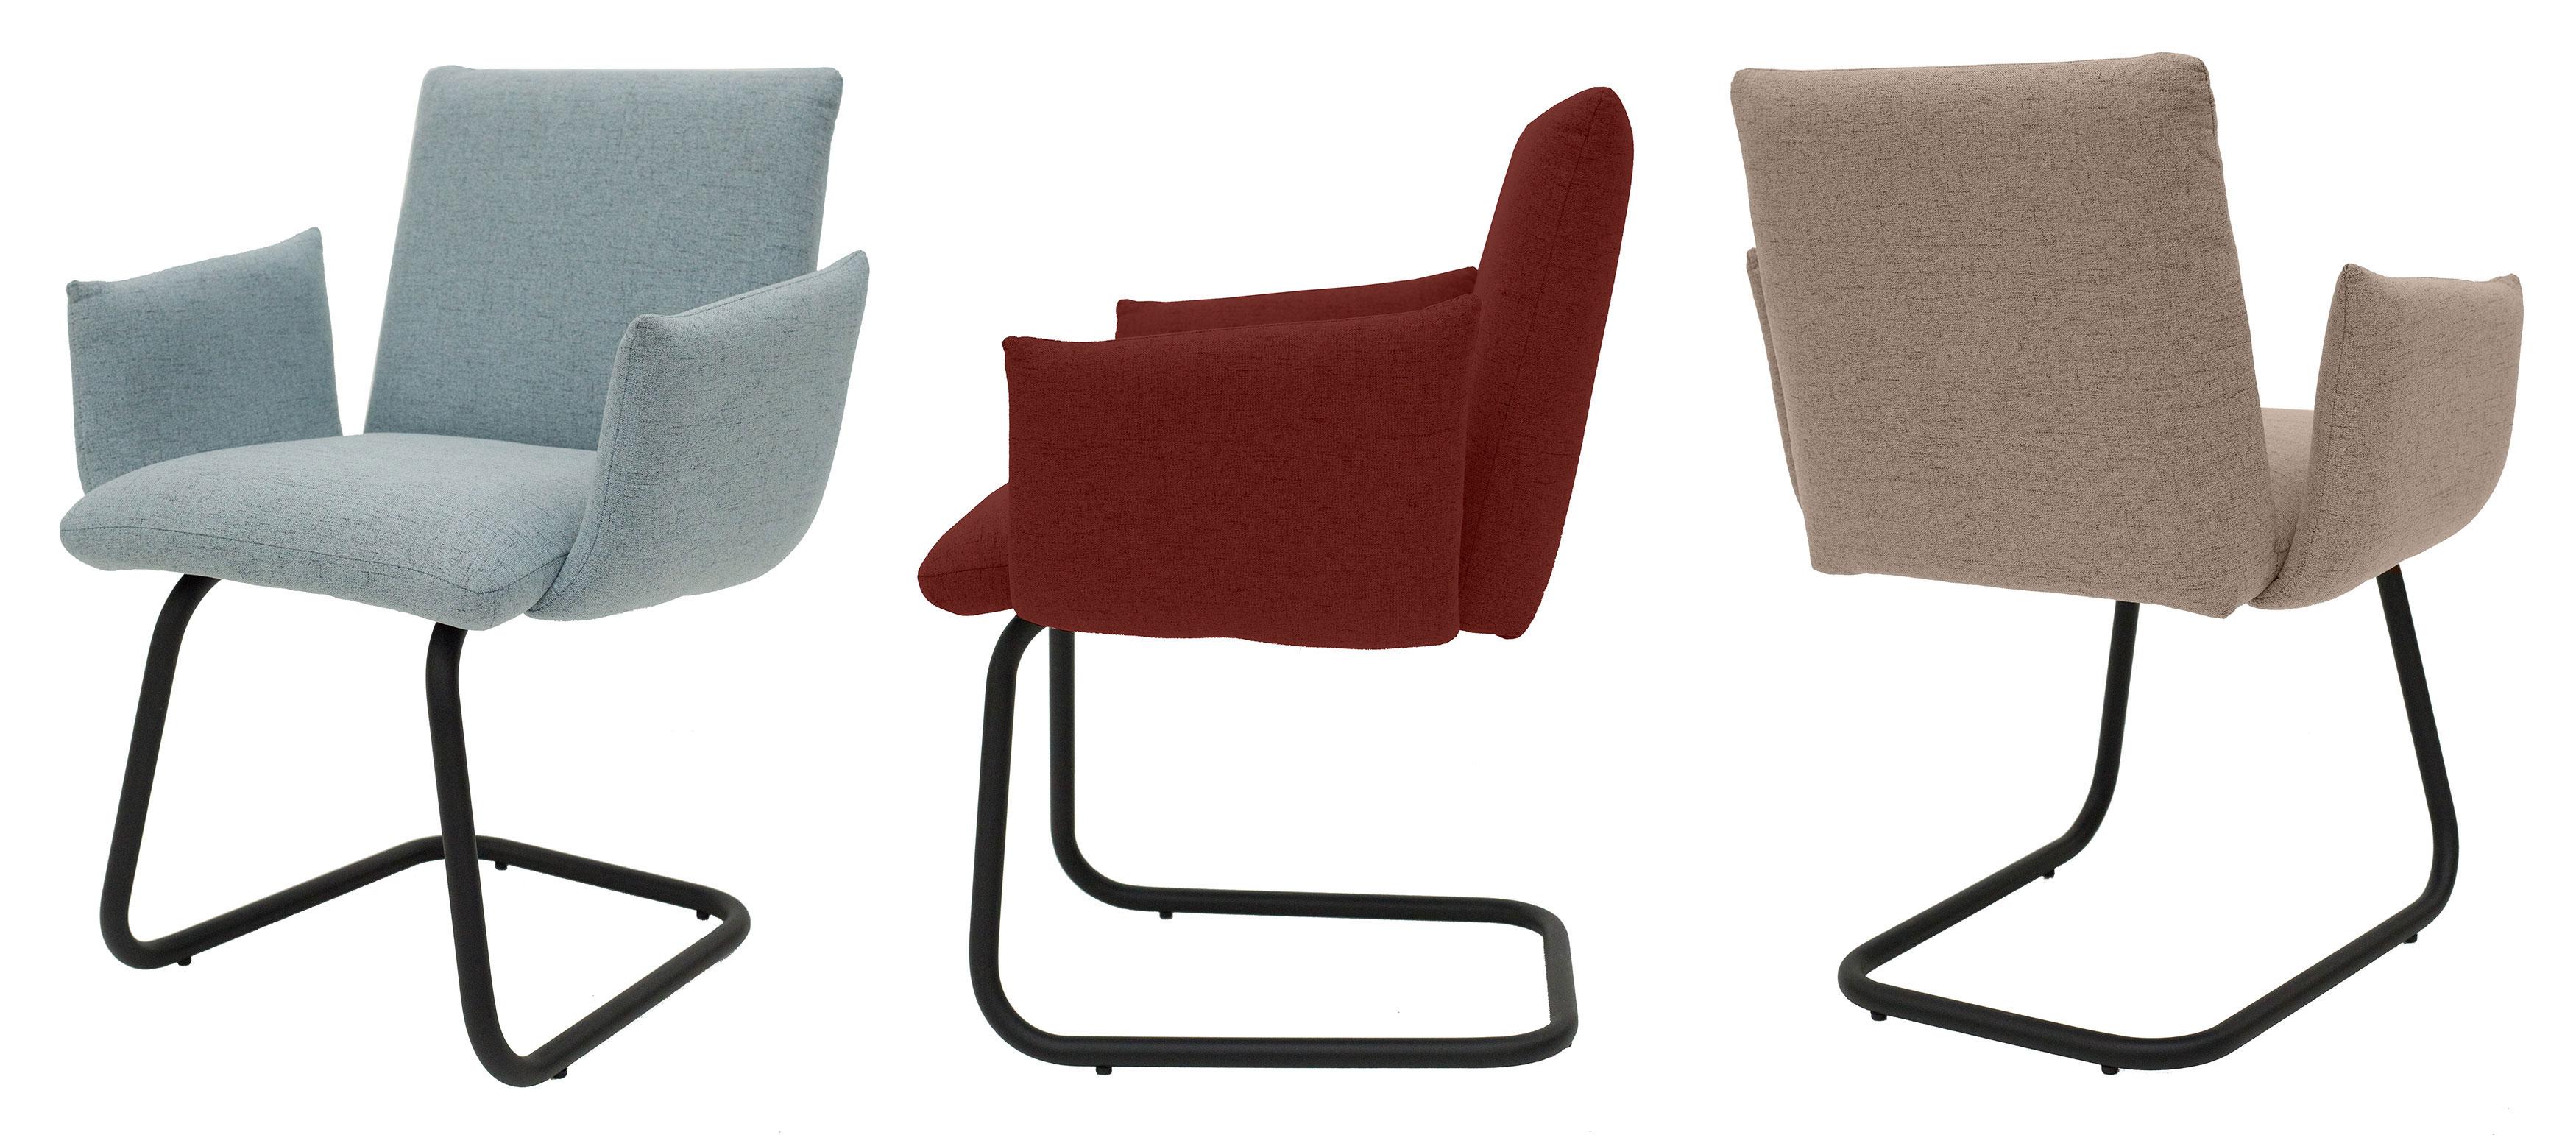 Standard Furniture Padua Armlehnstühle in vielen Farben